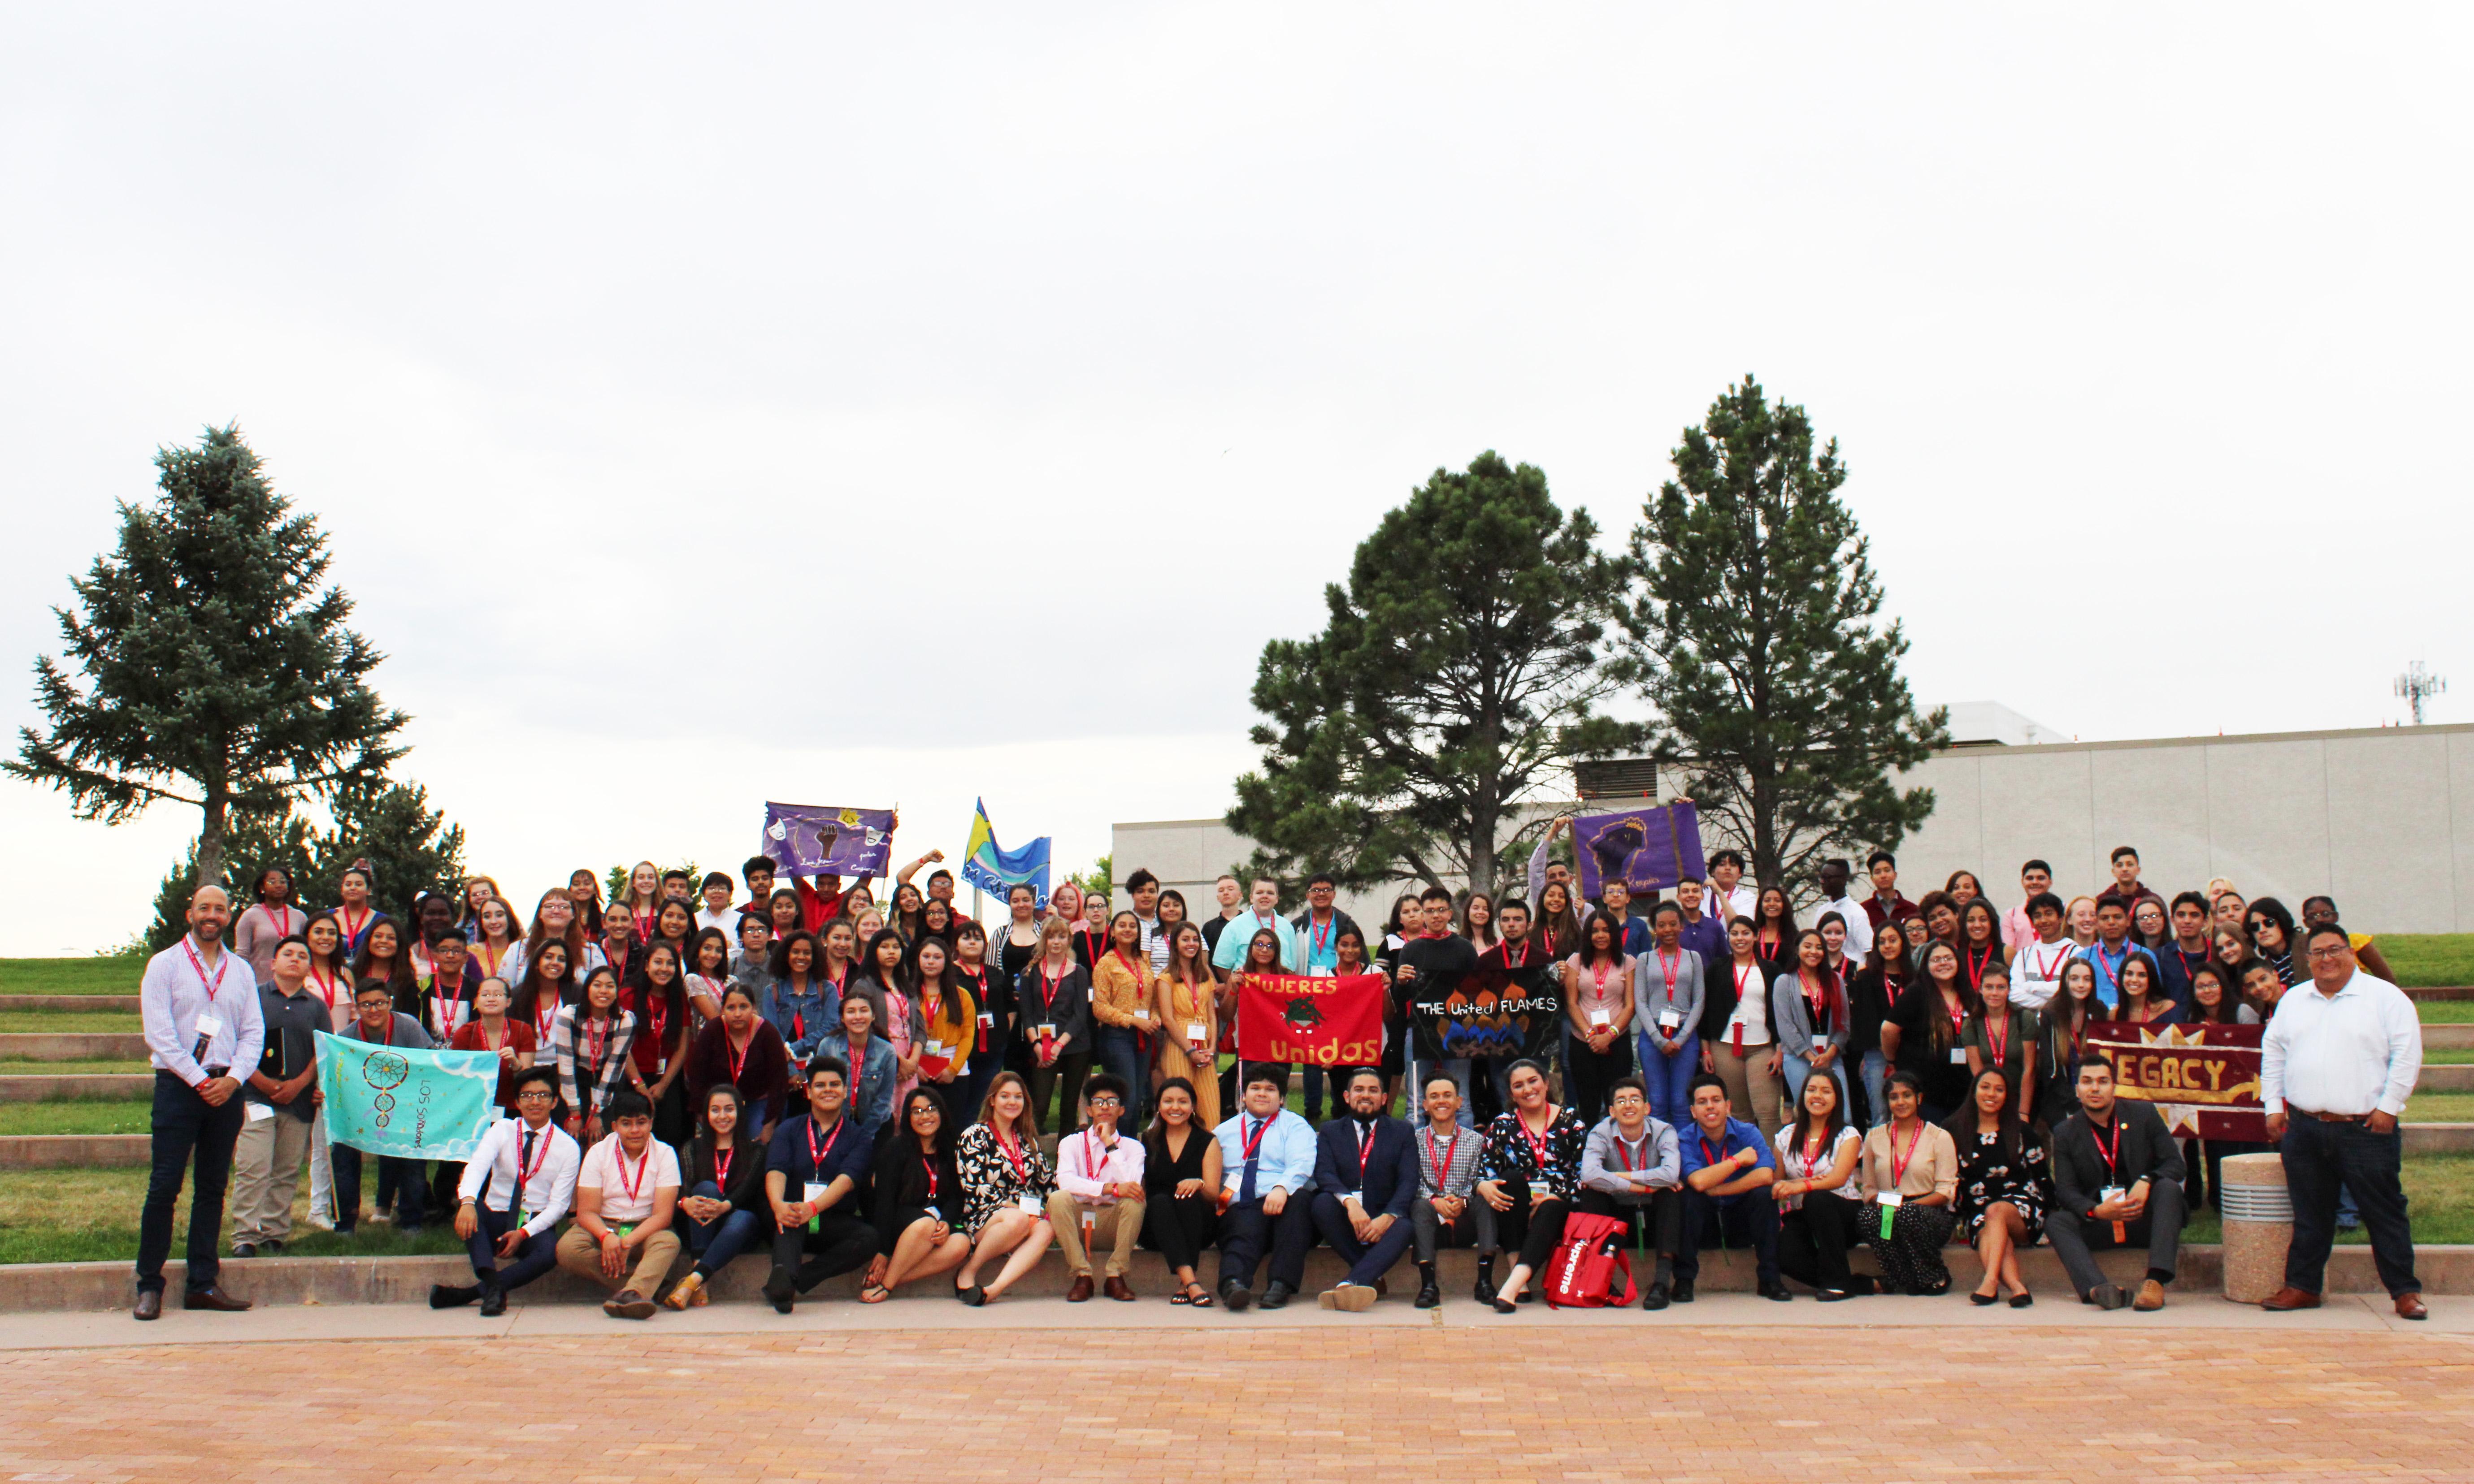 2019 colorado great debate csu-pueblo